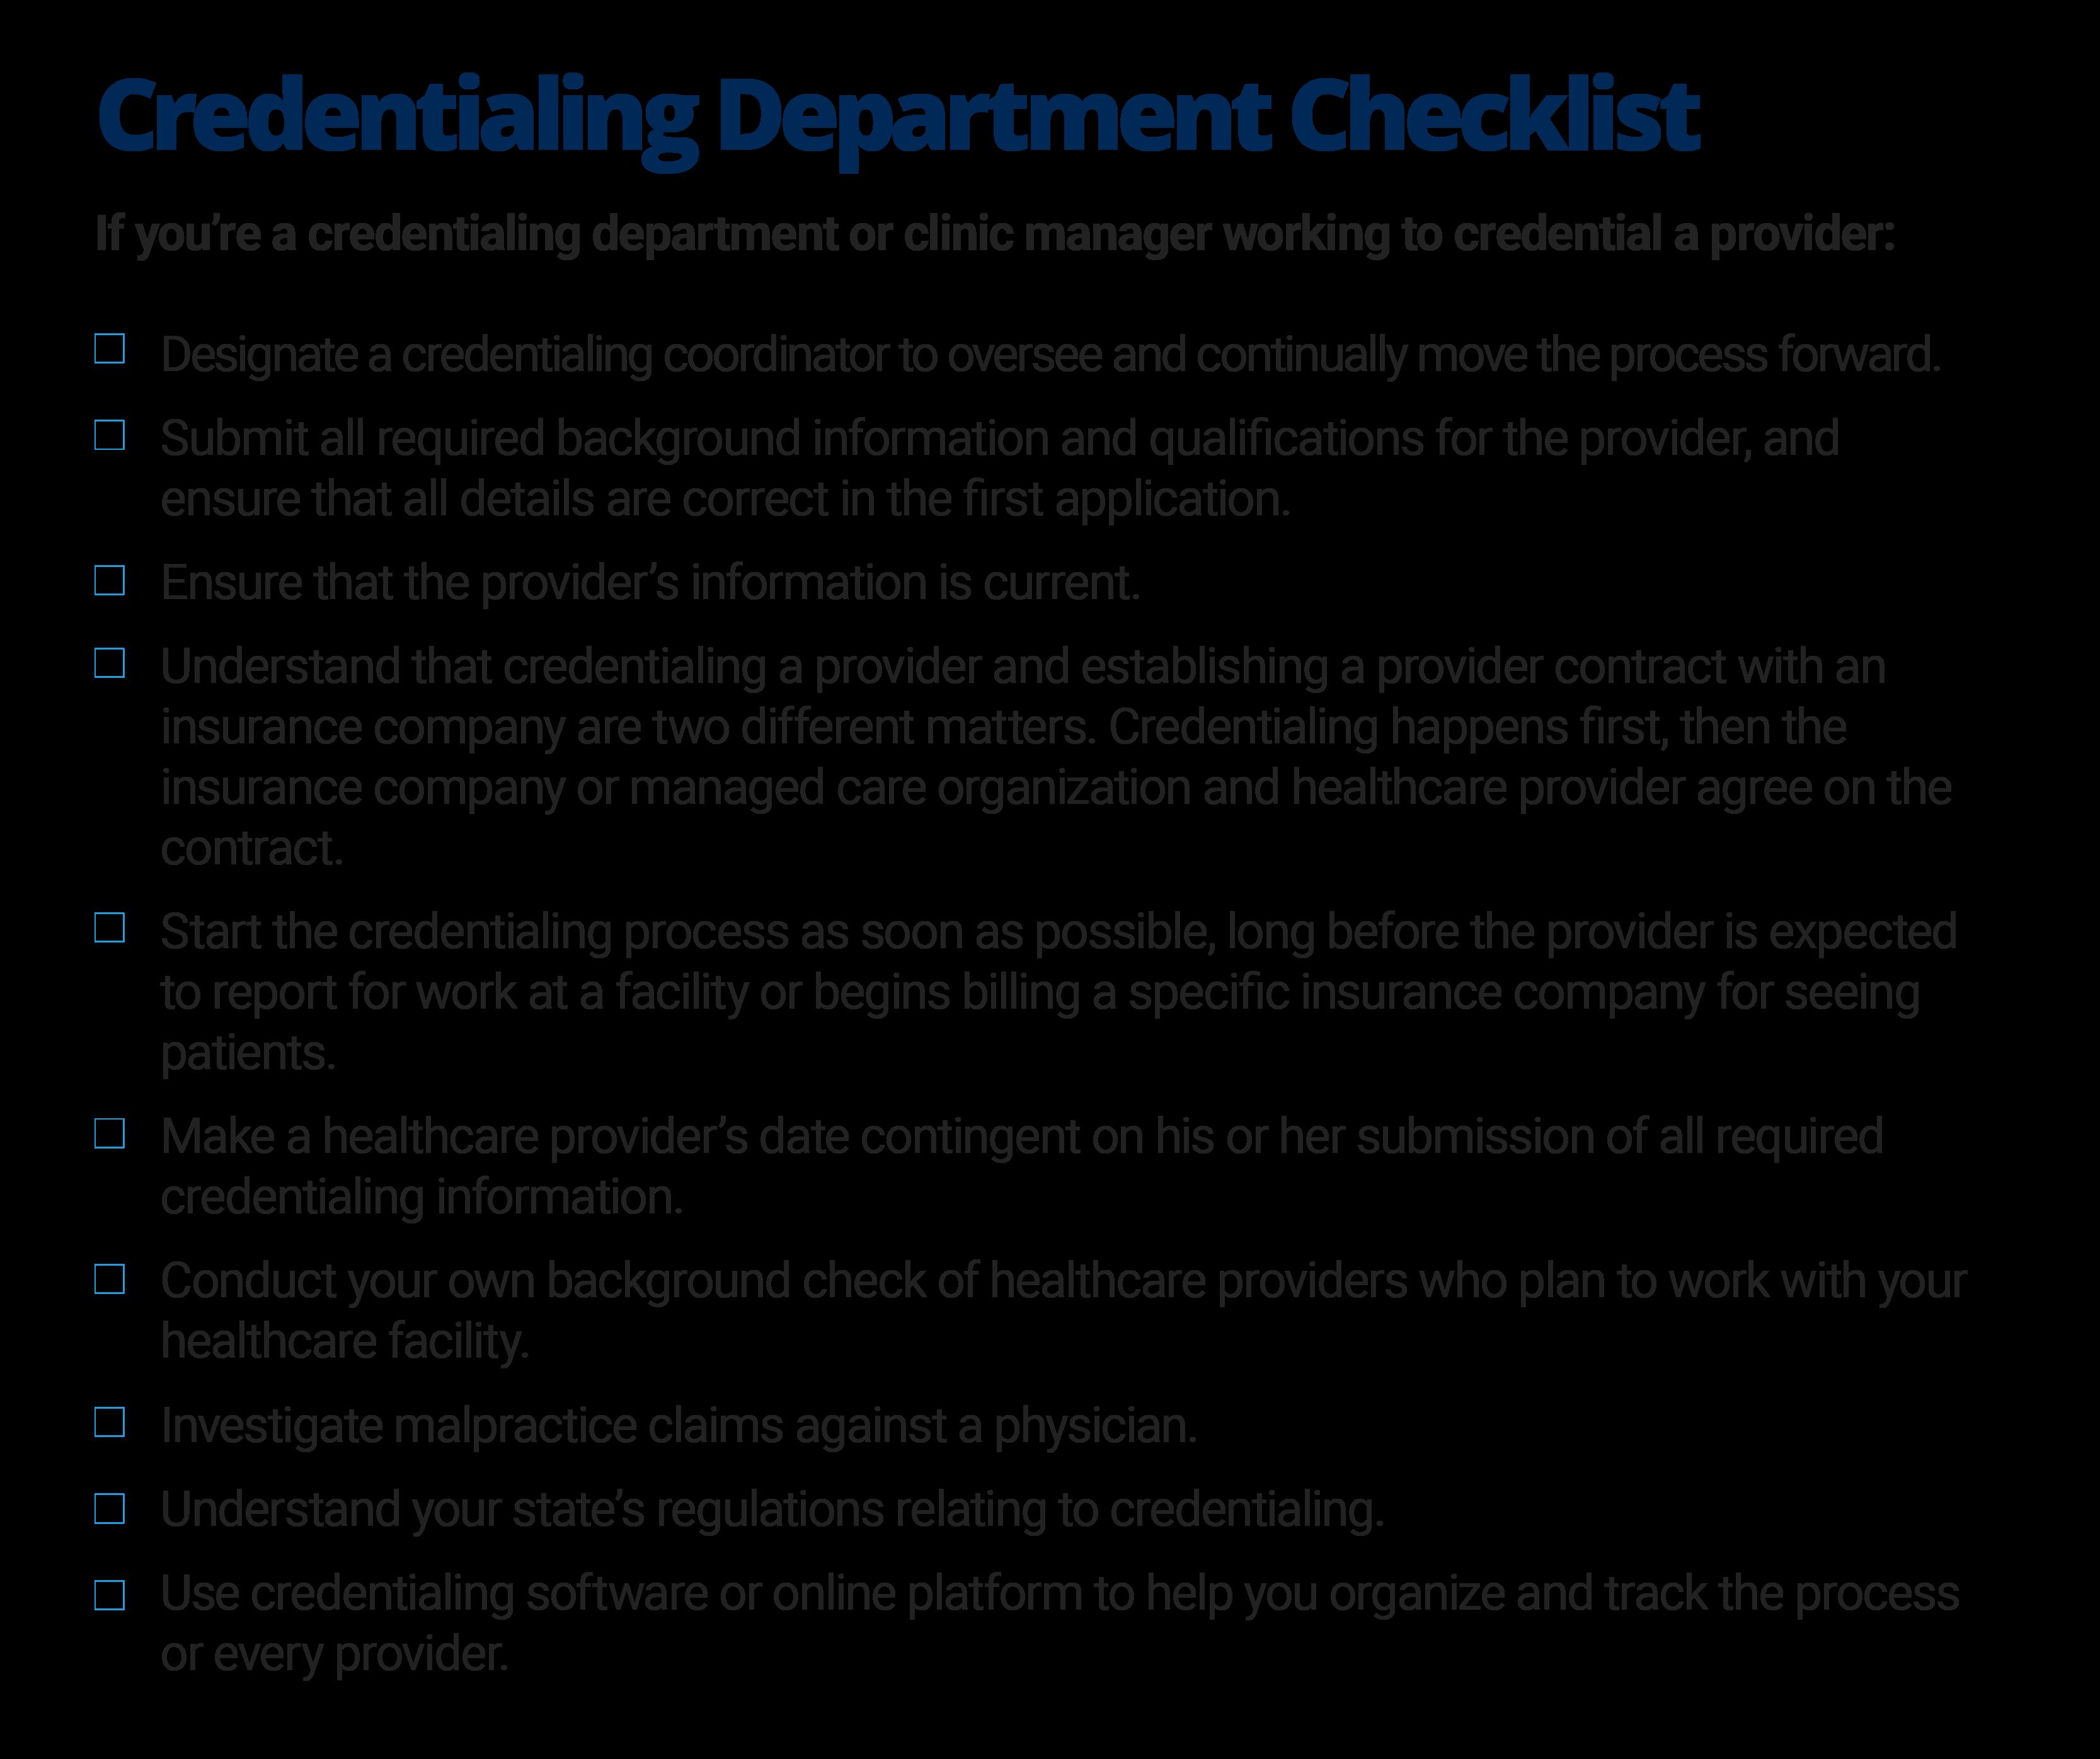 Credentialing Department Checklist